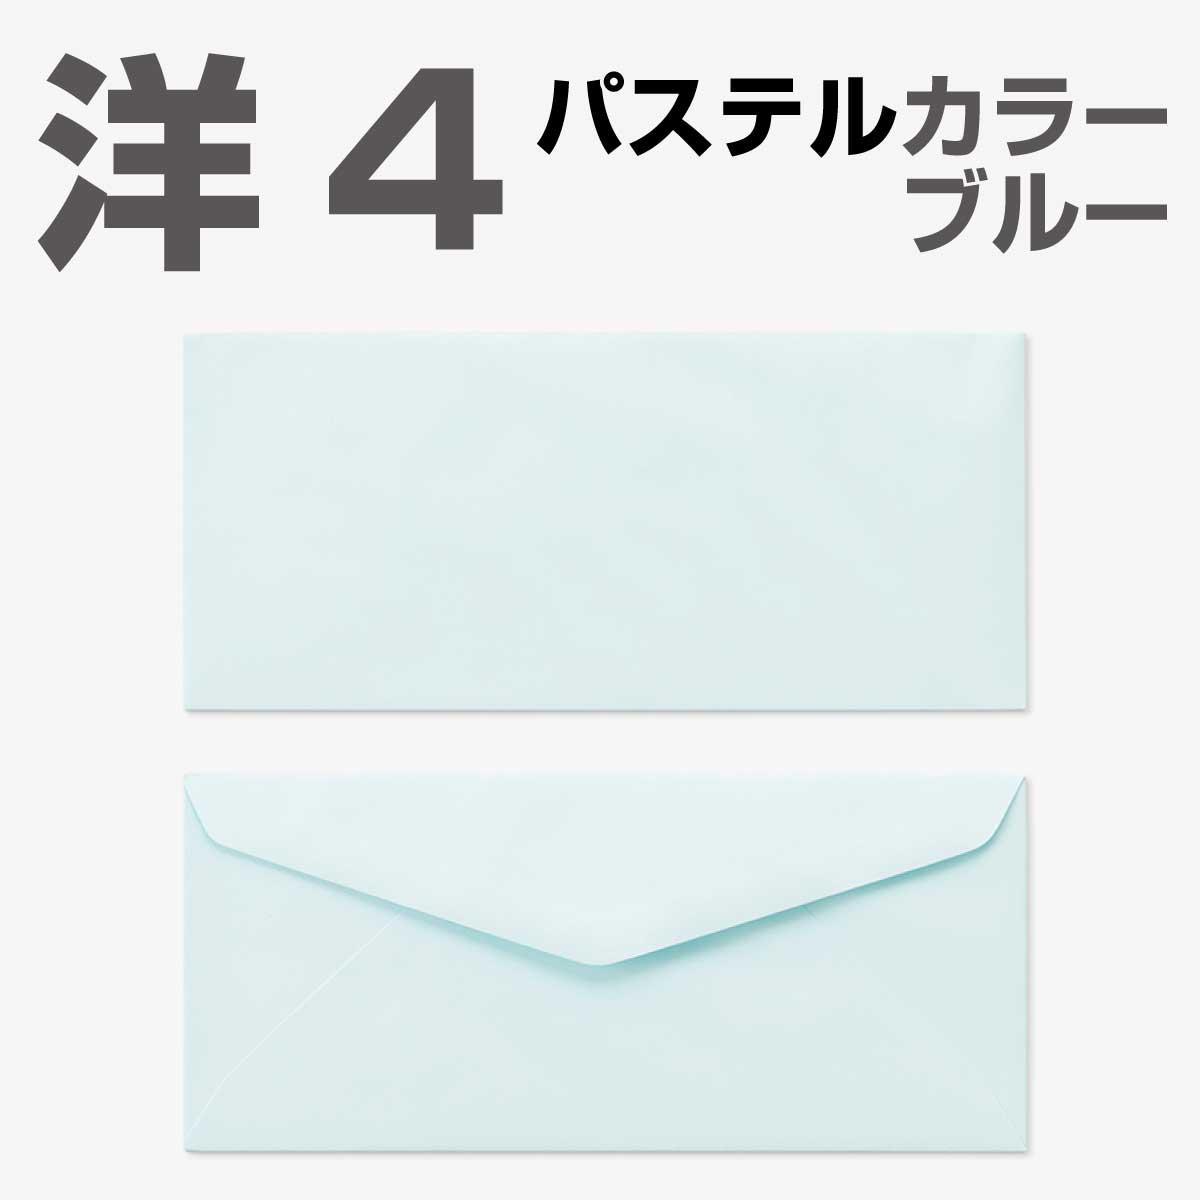 封筒 パステルカラー封筒 洋4 ダイヤ貼 パステル ブルー 100g 枠なし 50g0枚函 1000枚 yp6435